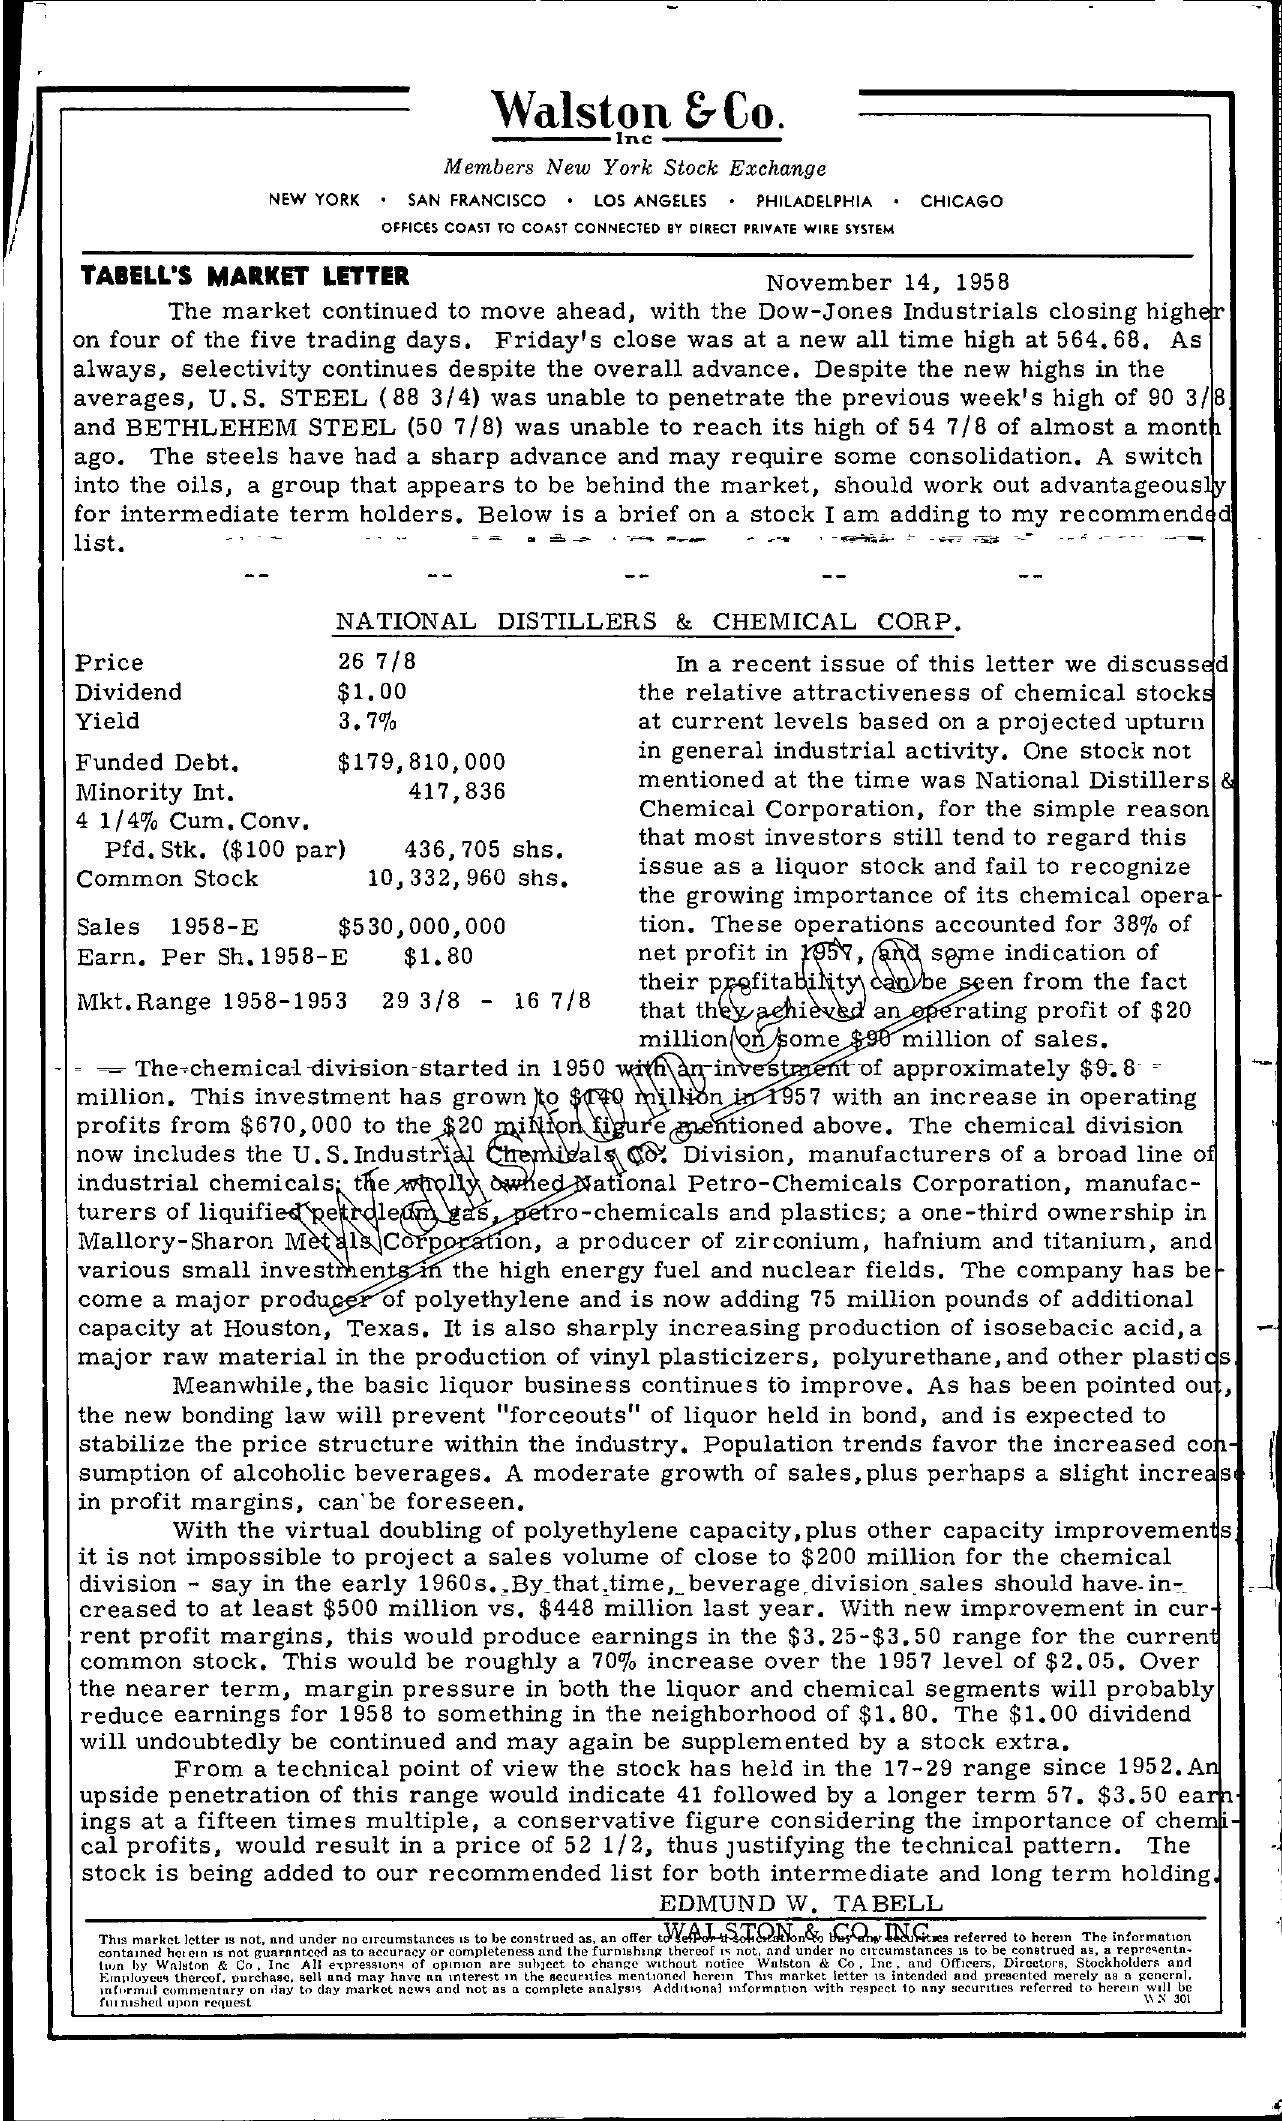 Tabell's Market Letter - November 14, 1958